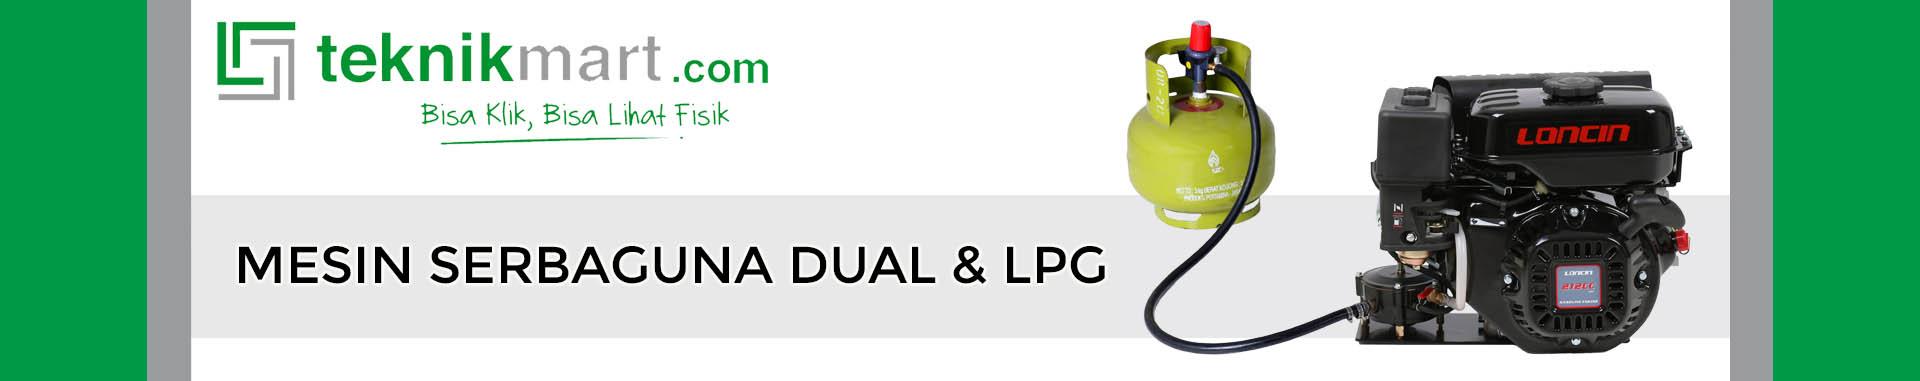 Mesin Serbaguna Dual & LPG